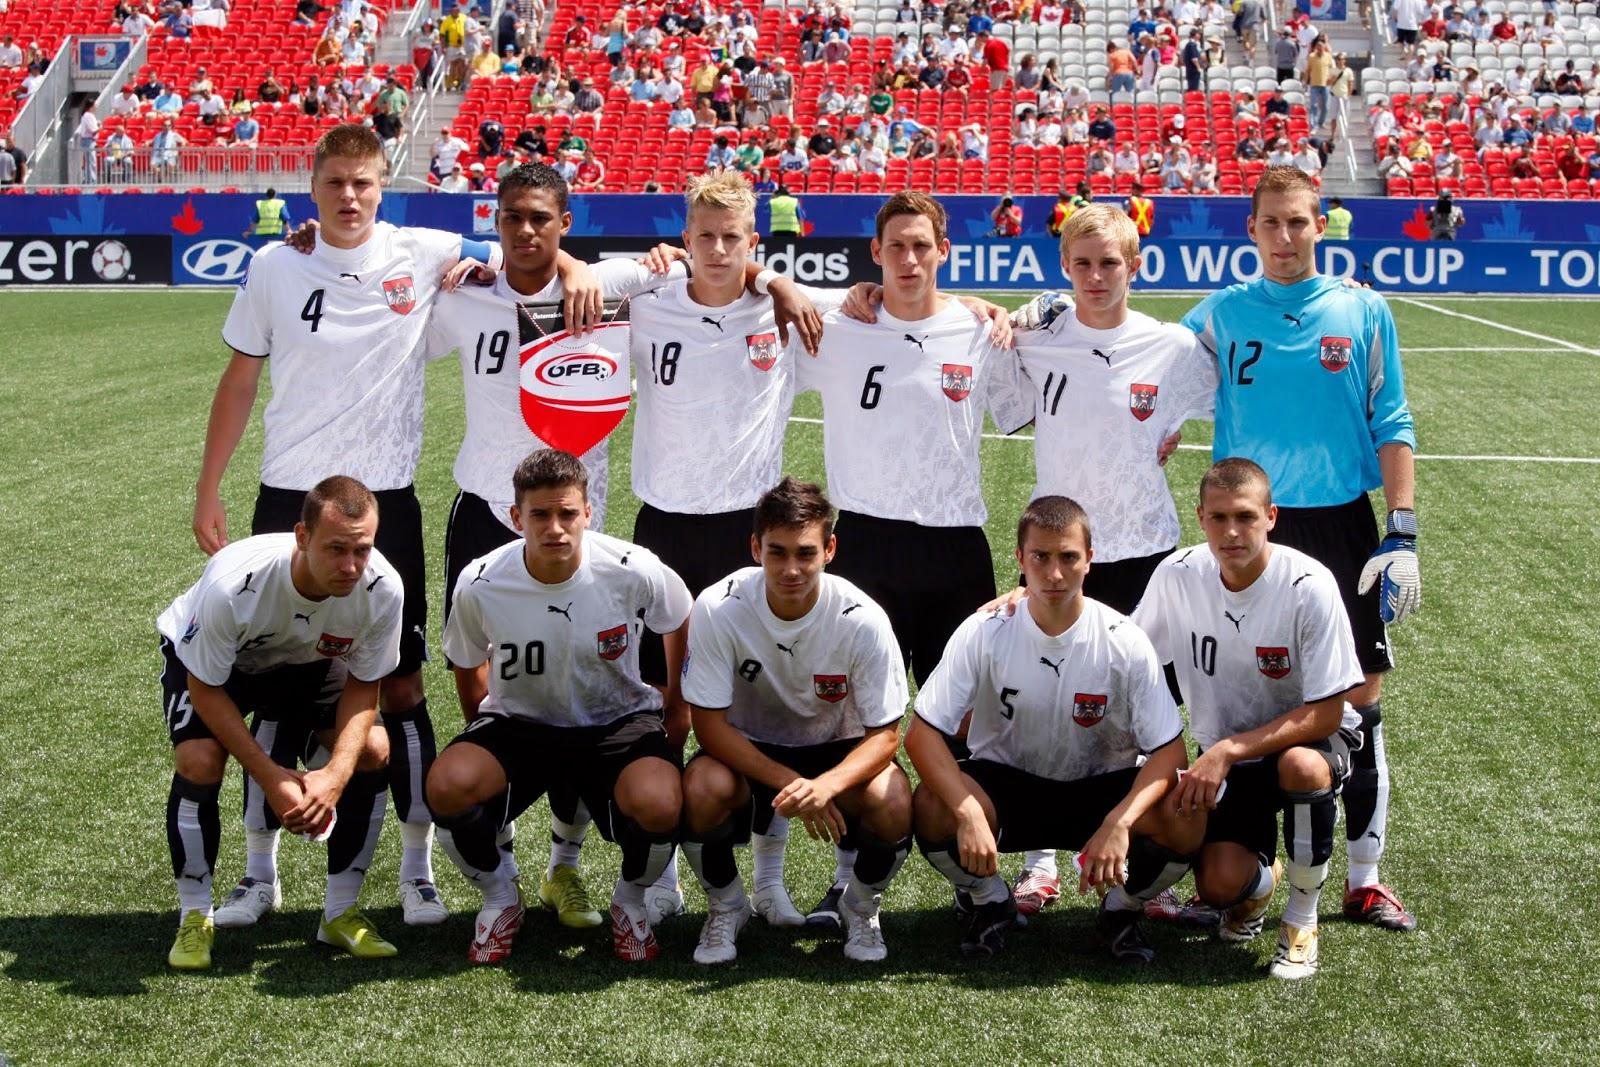 Formación de Austria ante Chile, Copa del Mundo Sub-20 Canadá 2007, 22 de julio